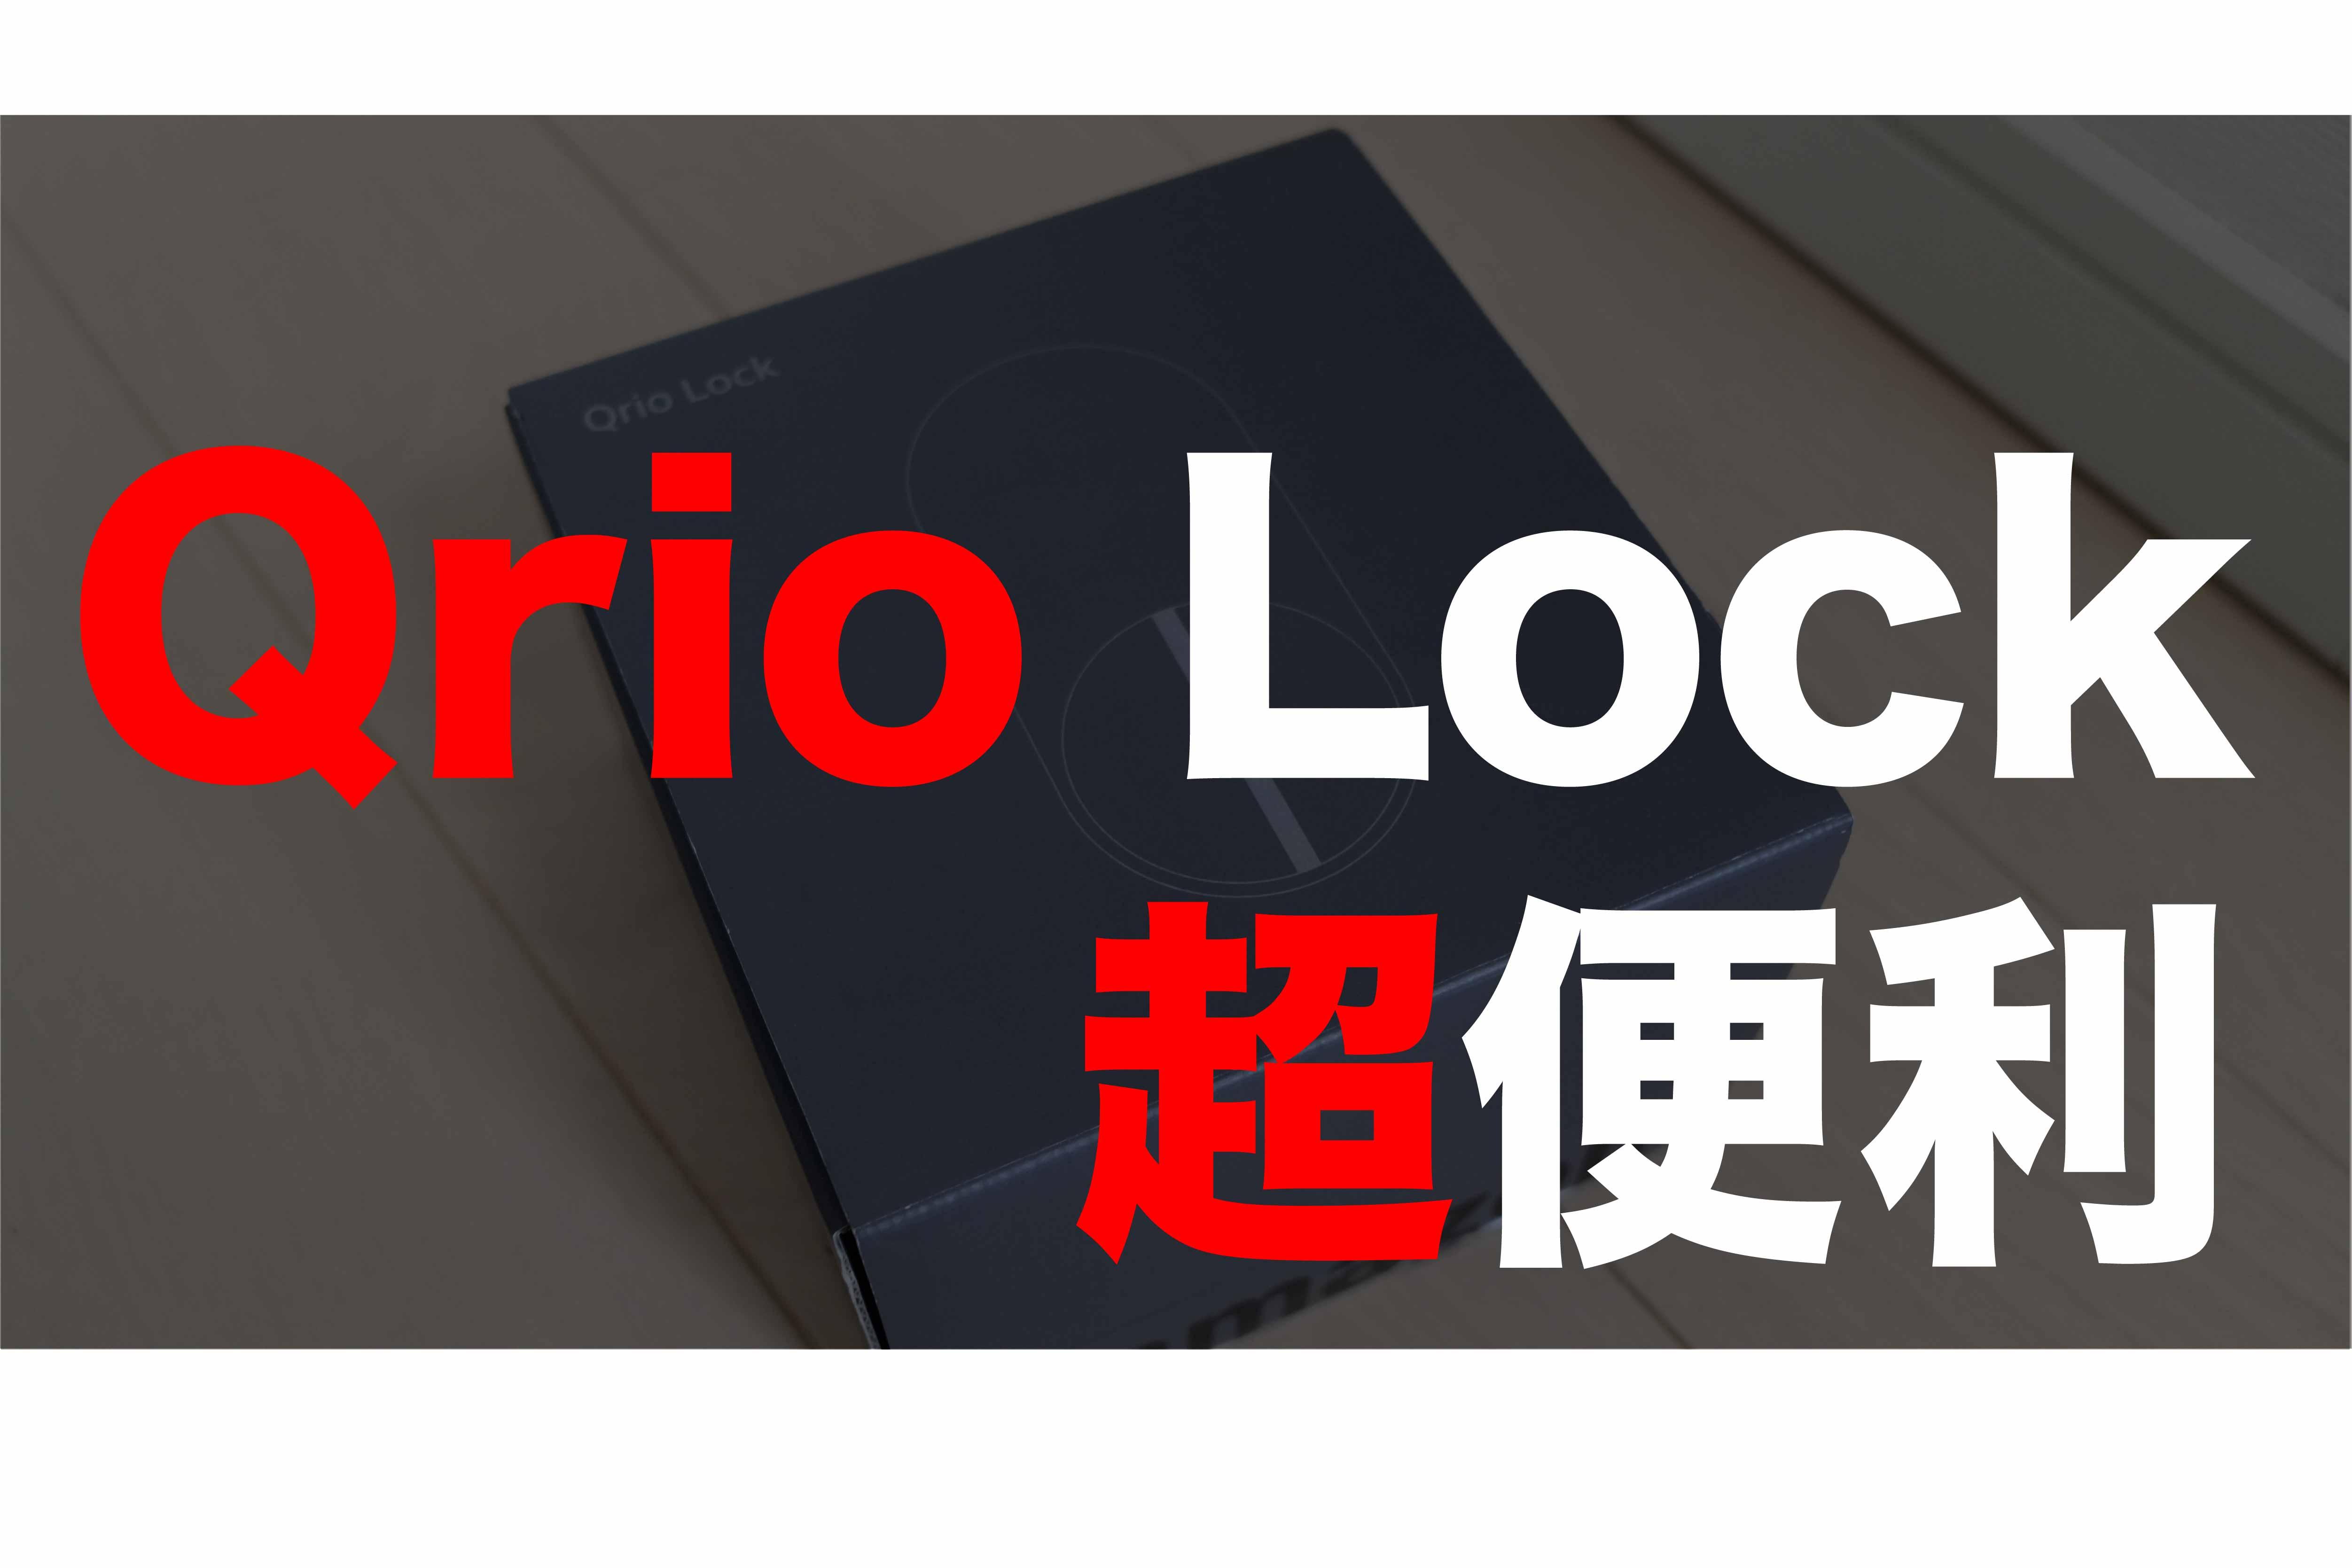 劇的便利!QrioLockを導入したら家のカギを意識する必要が無くなりました!